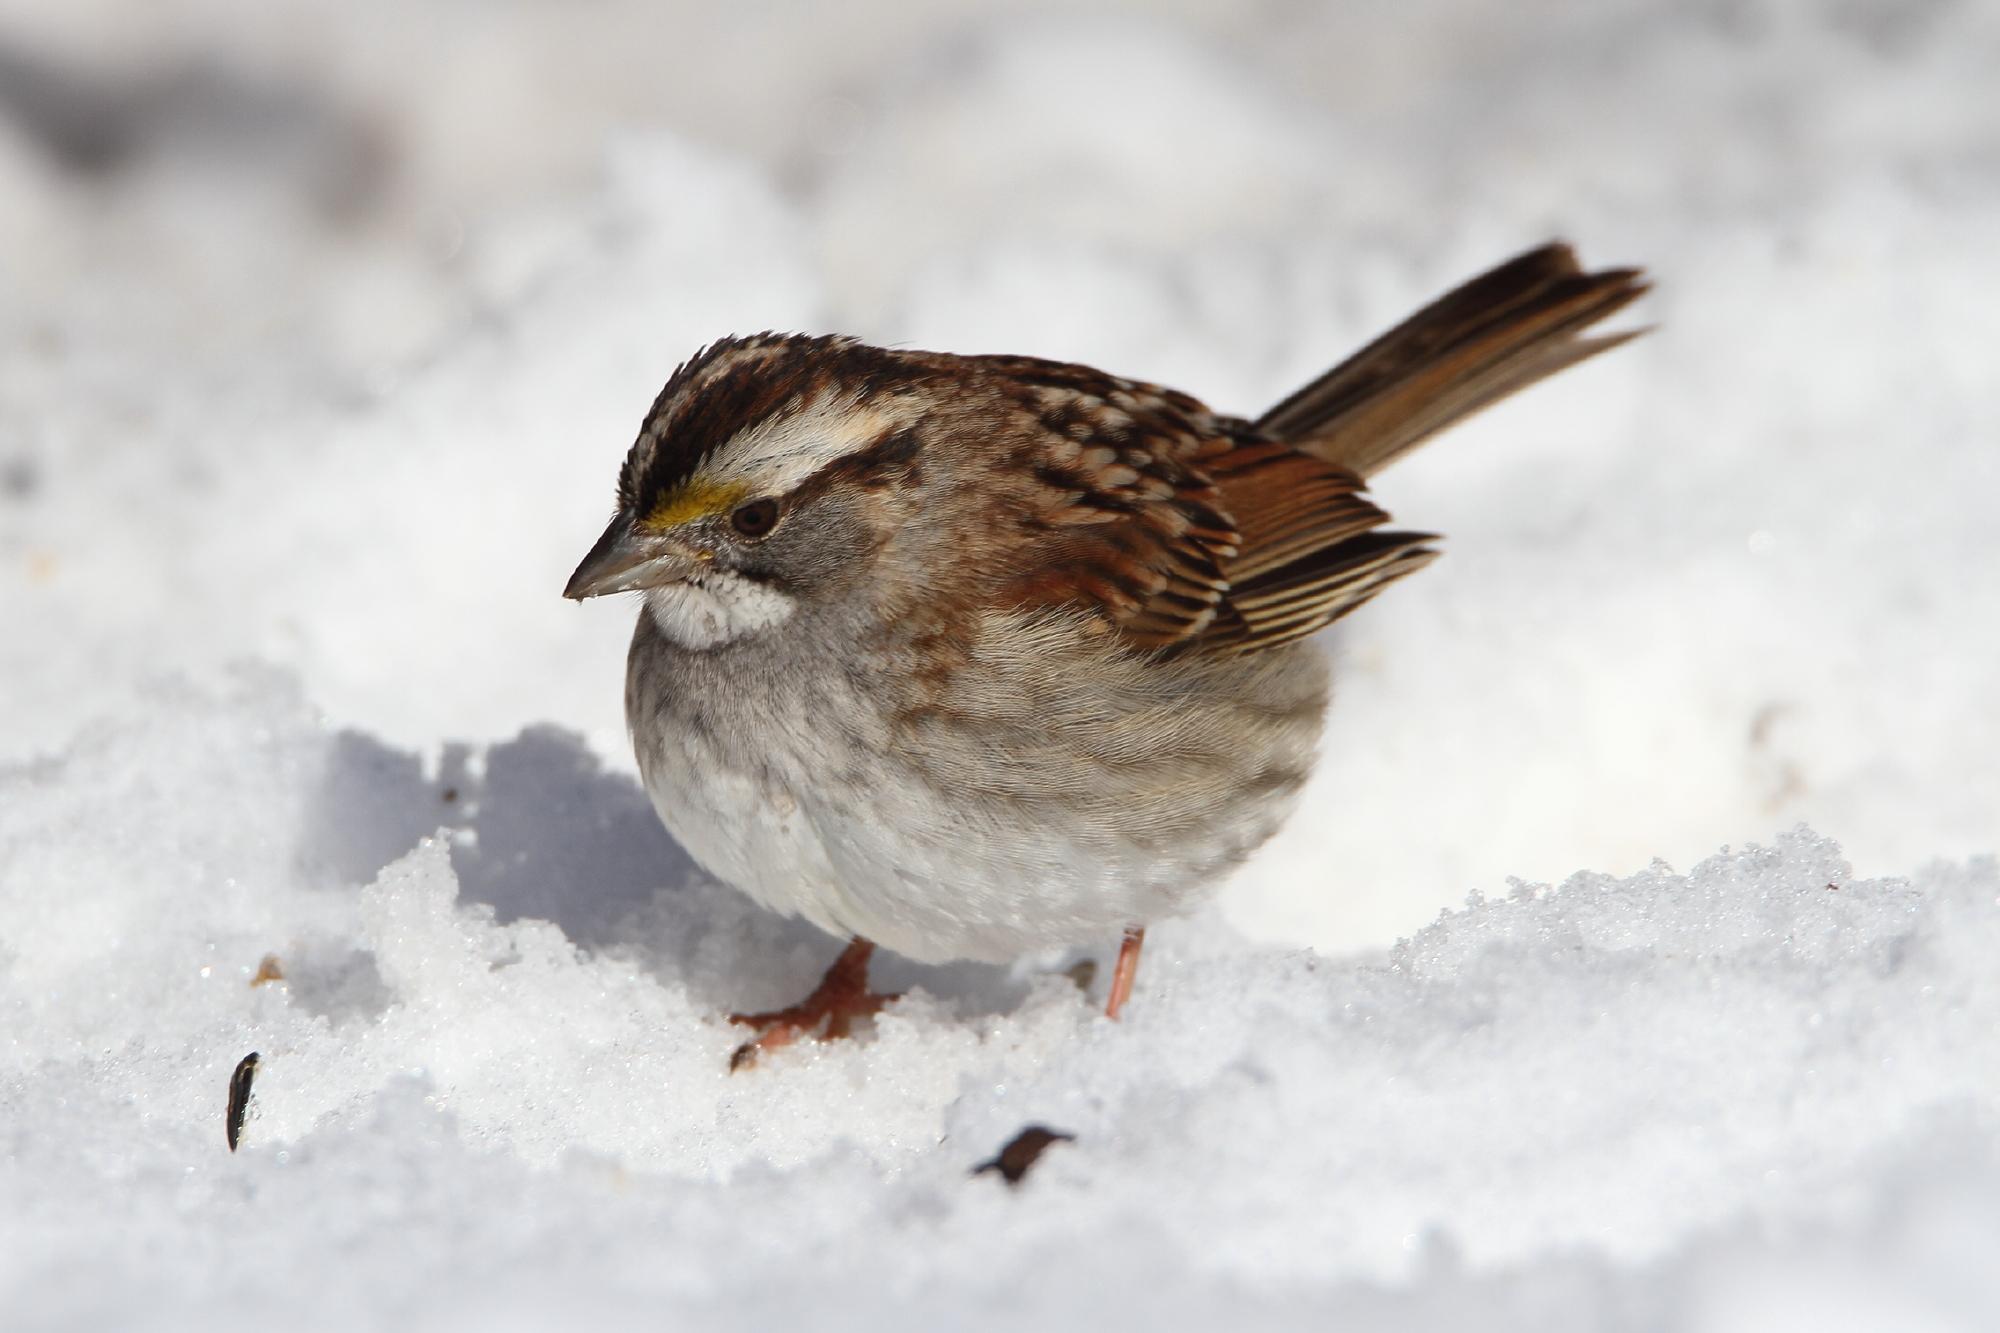 hintergrundbilder schnee winter tierwelt schnabel spatz wetter vogel fink lerche. Black Bedroom Furniture Sets. Home Design Ideas